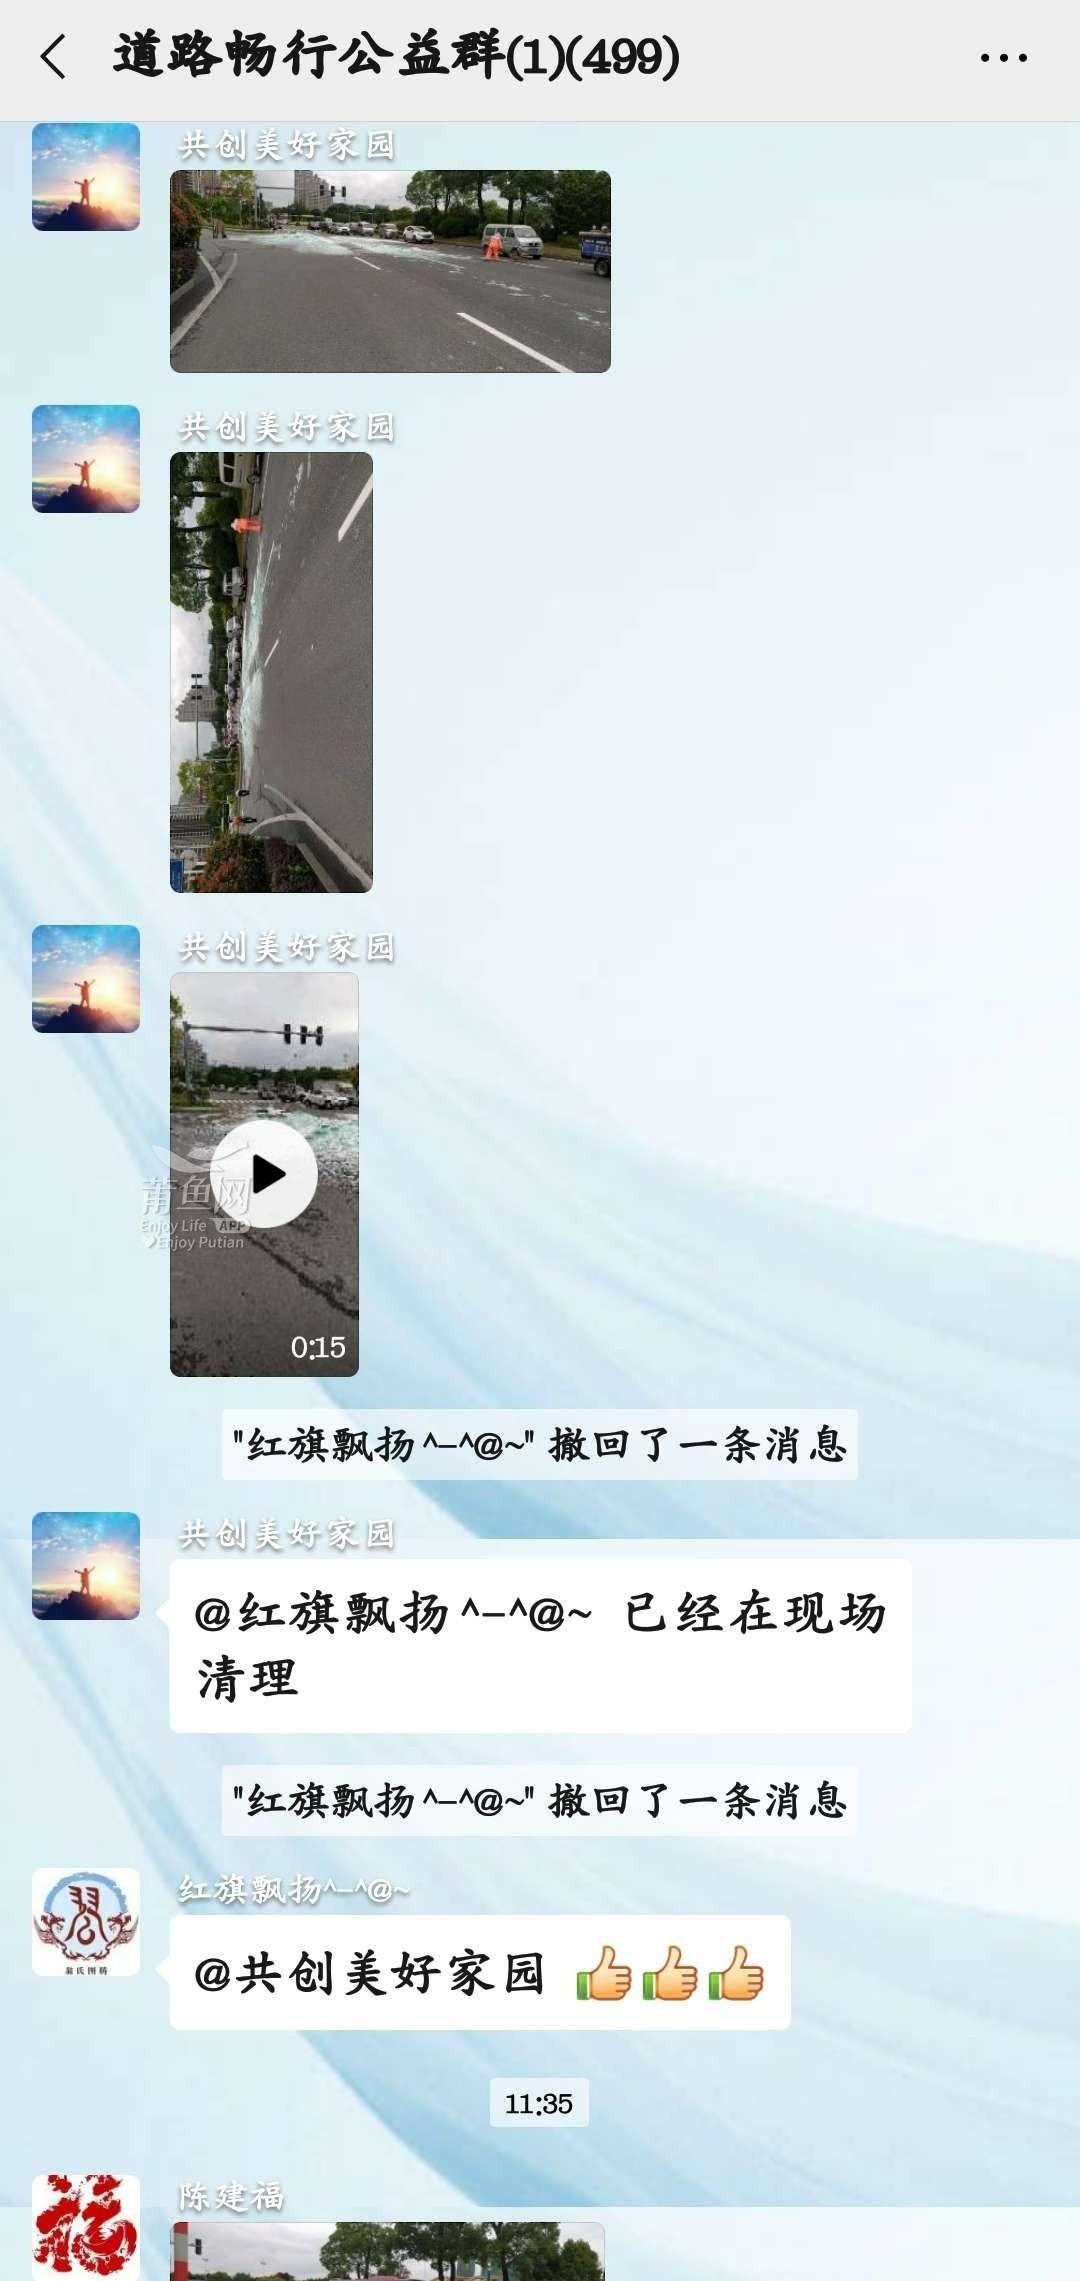 微信图片_202005231146251.jpg